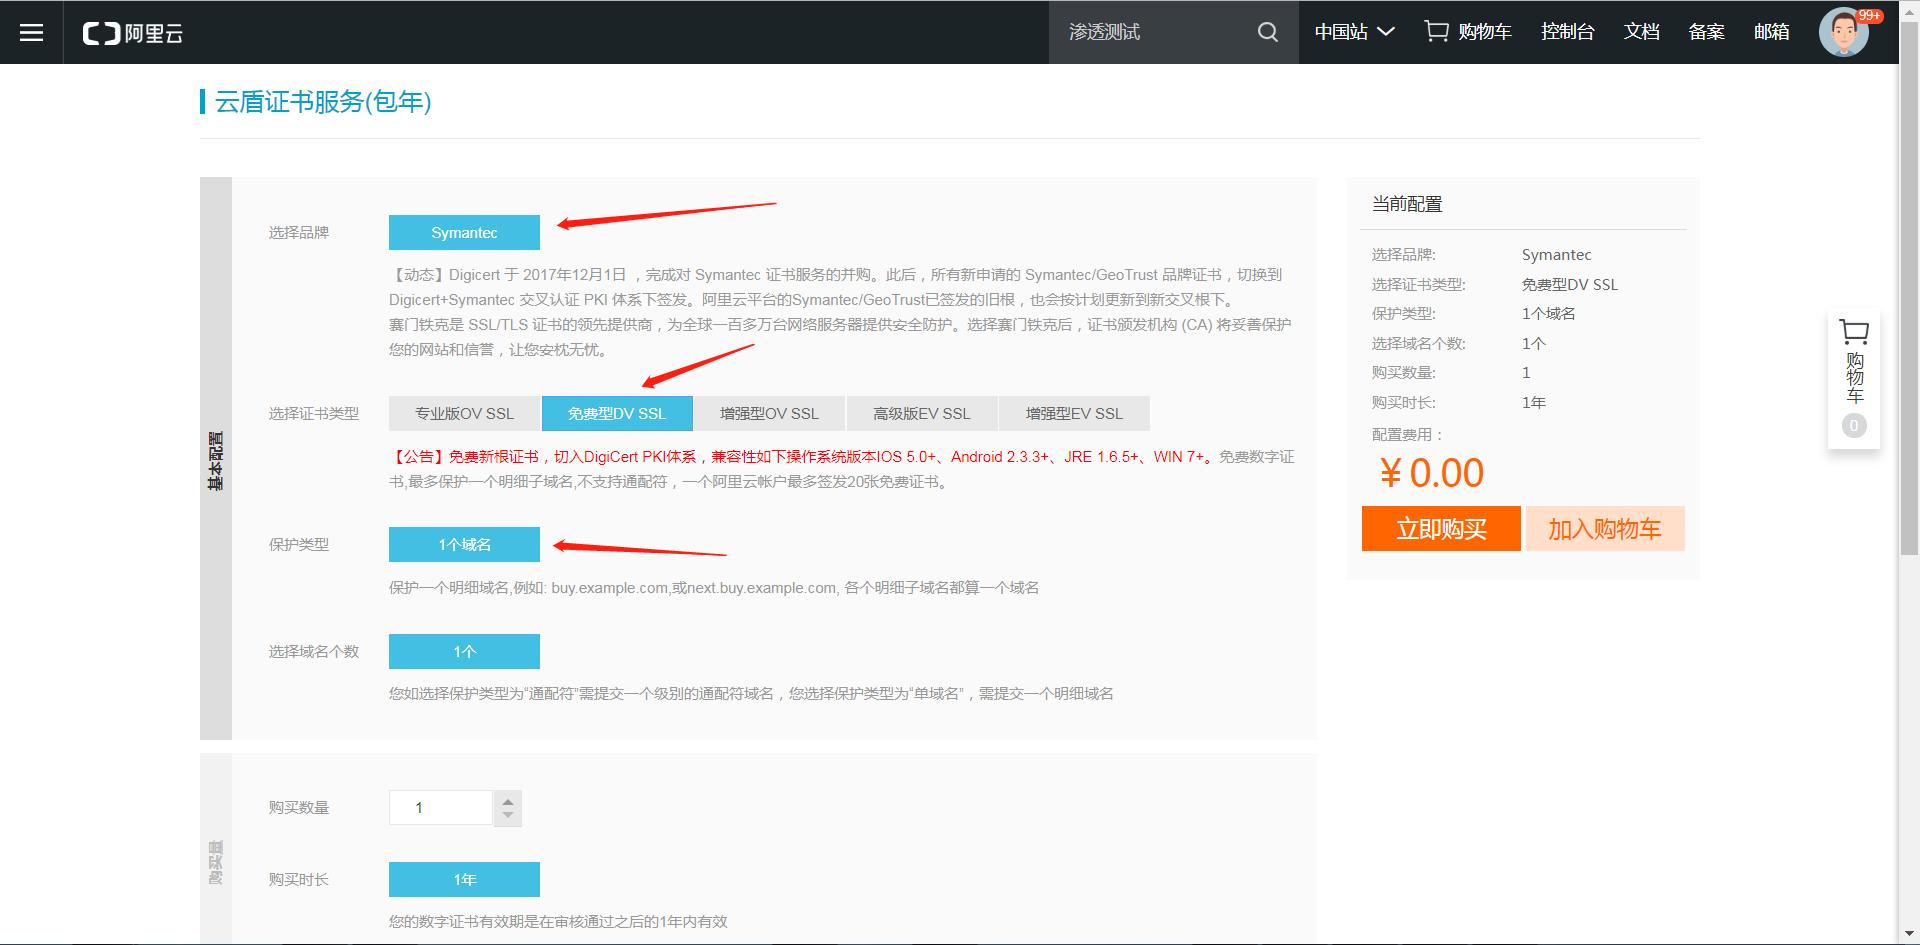 免费型 DV SSL